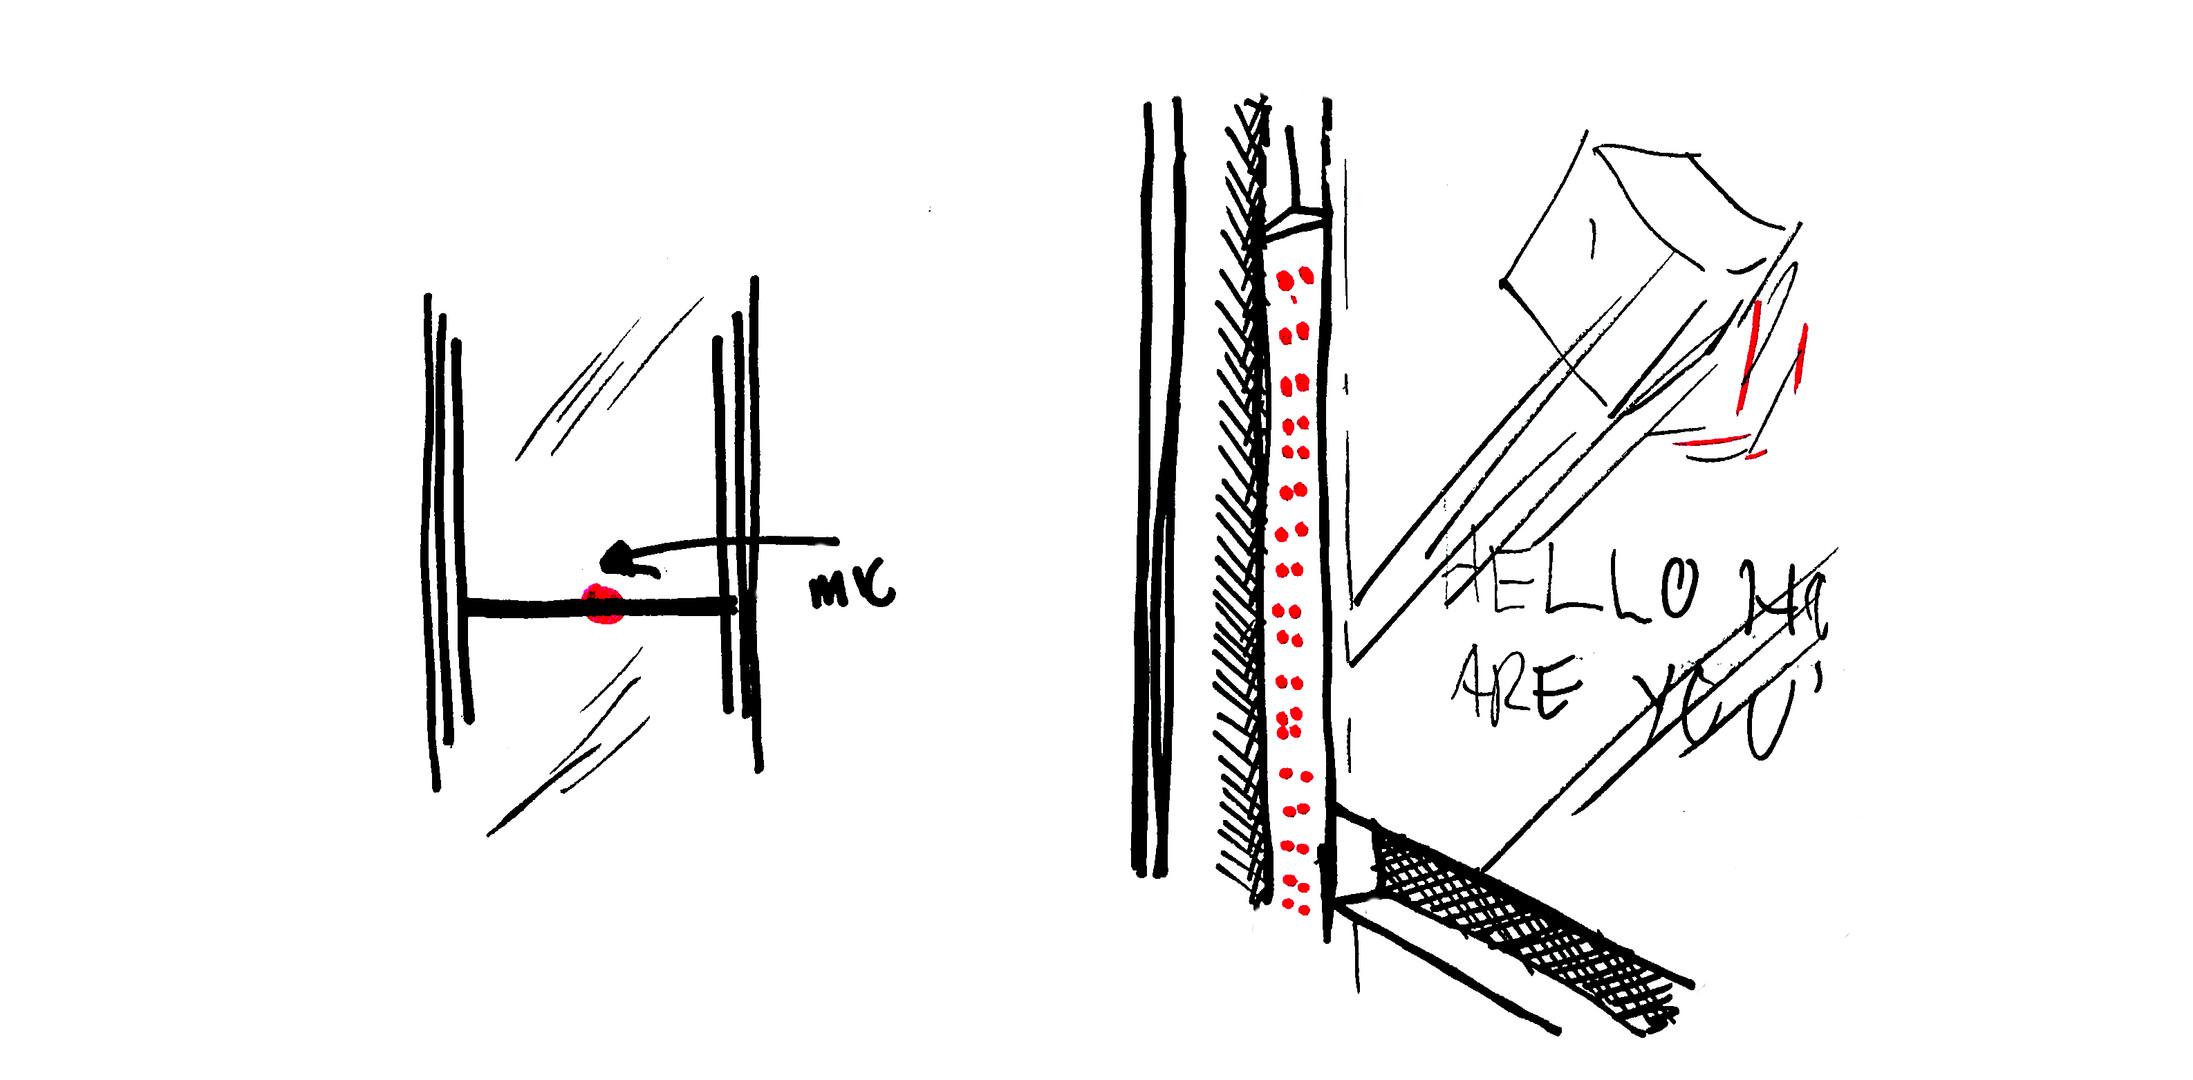 FOCUS_diagrams_db04.jpg